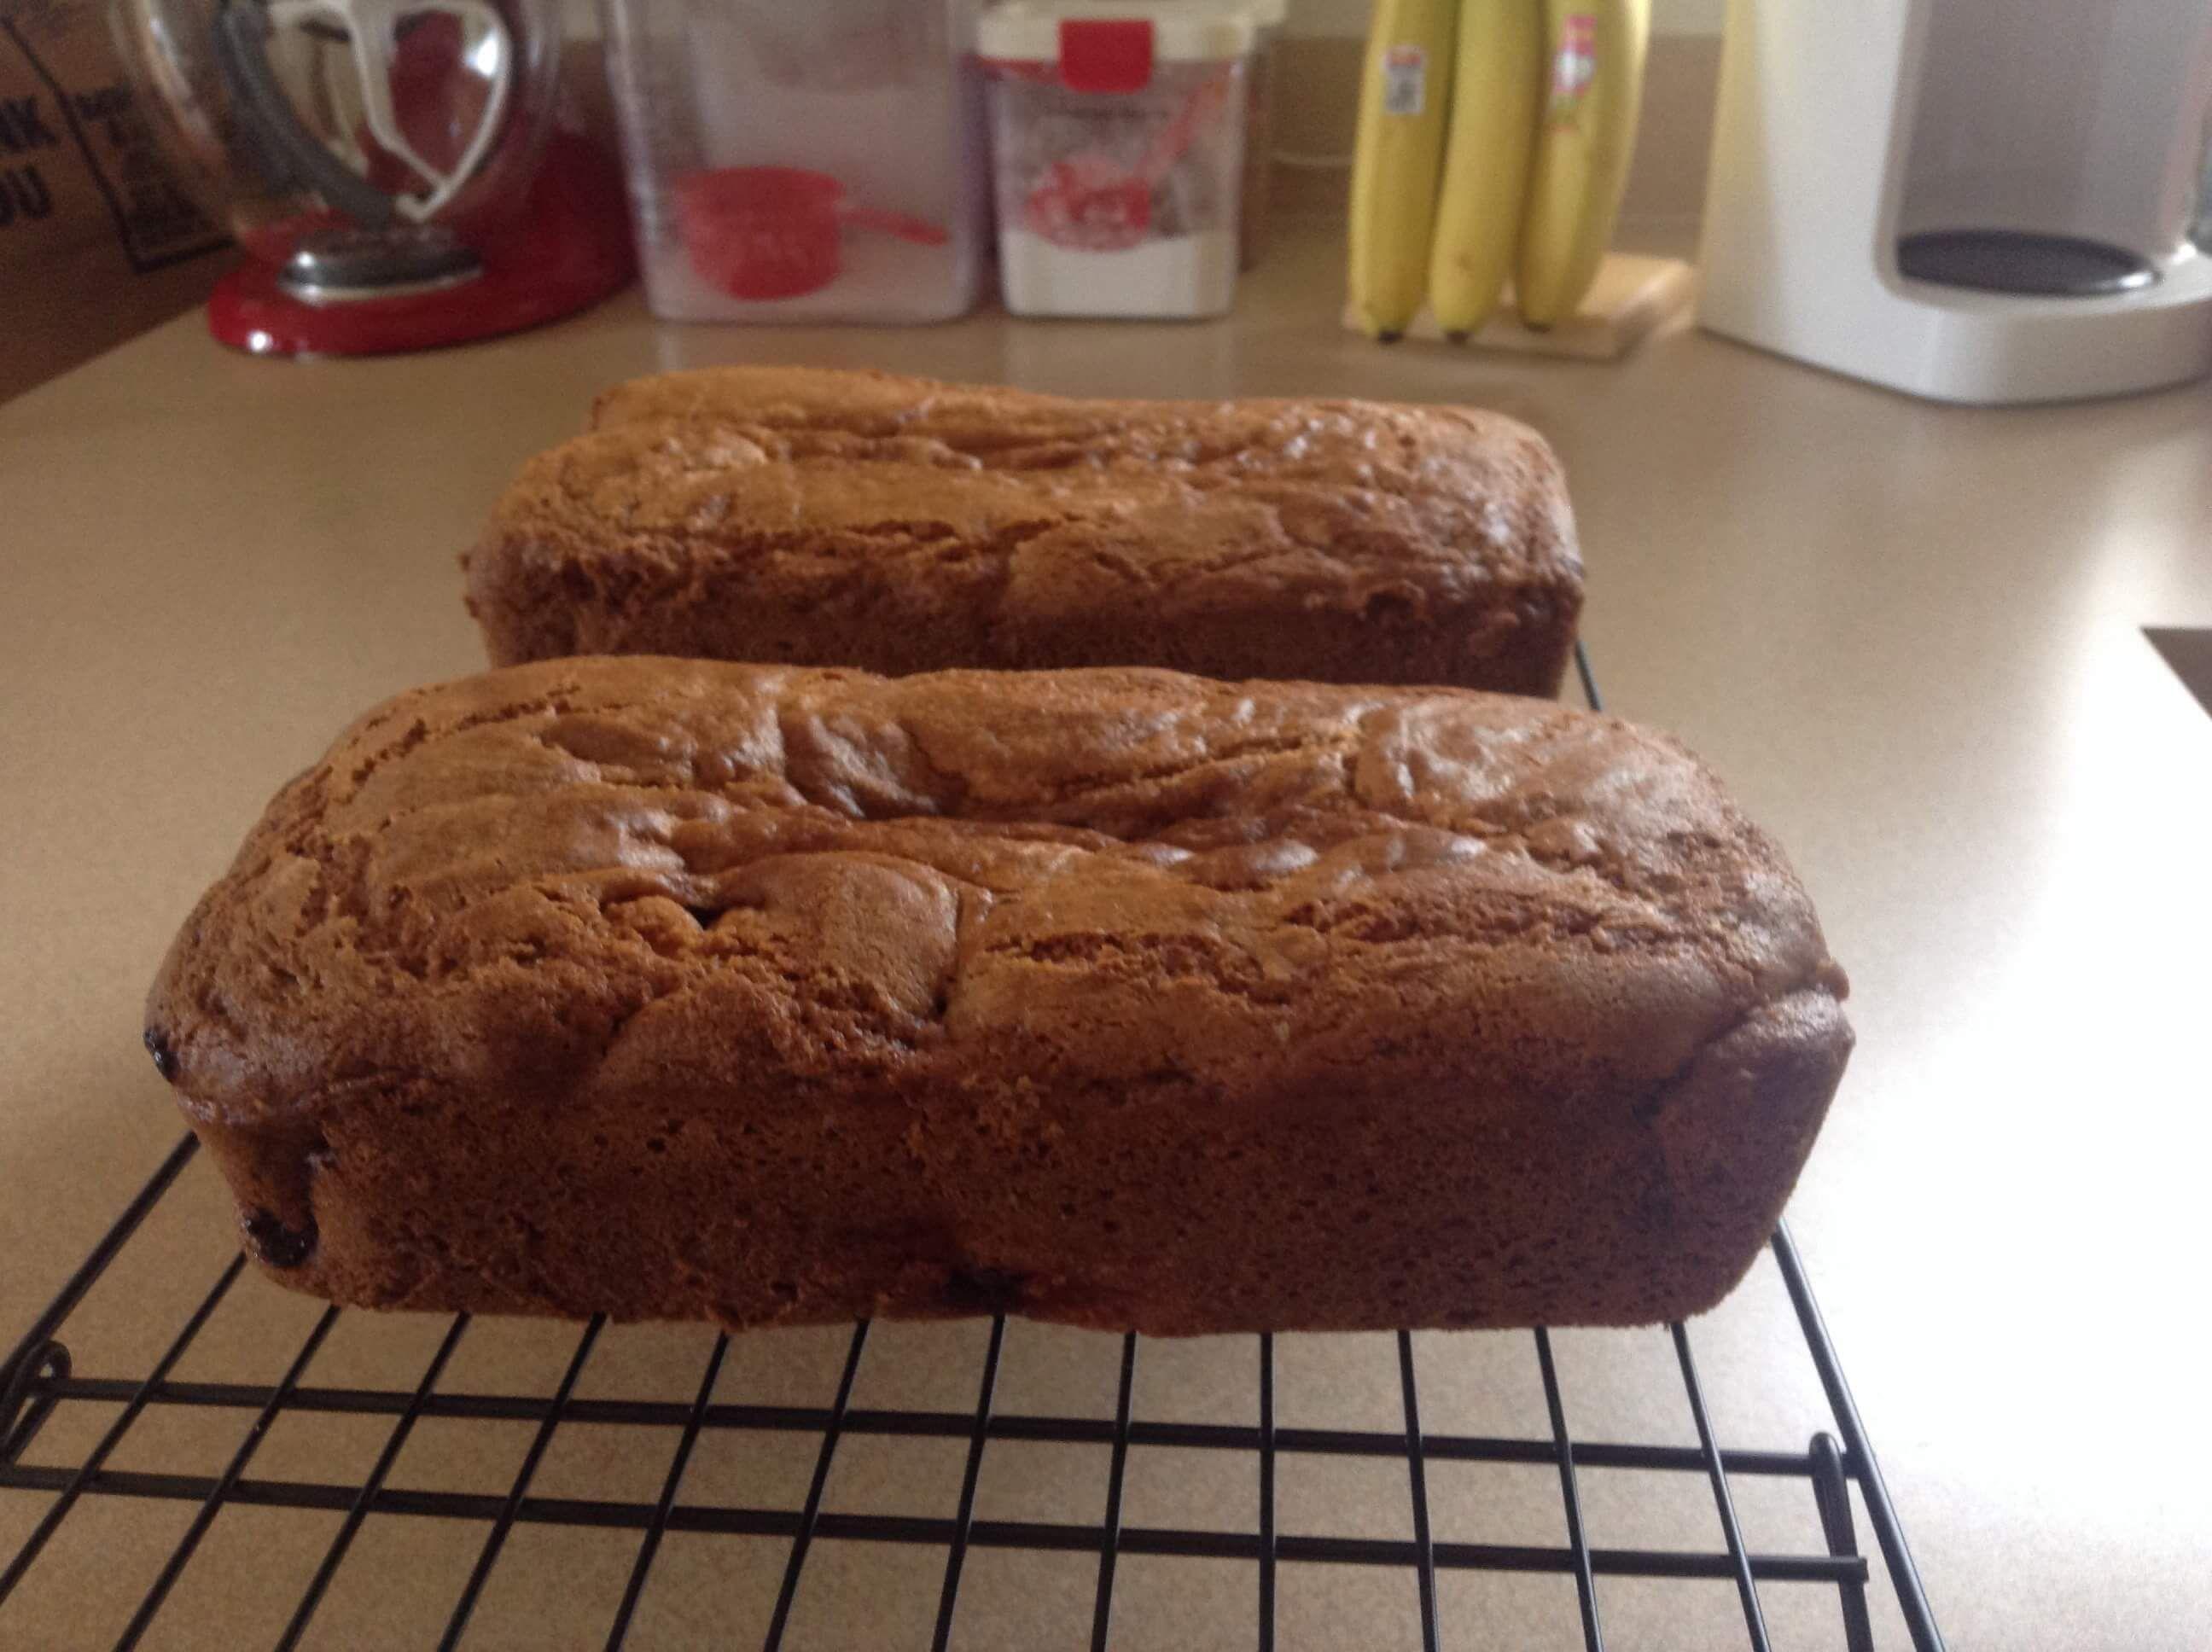 Strawberry Cream Cheese Bread Recipe Bread Cream Cheese Bread Strawberries Cream